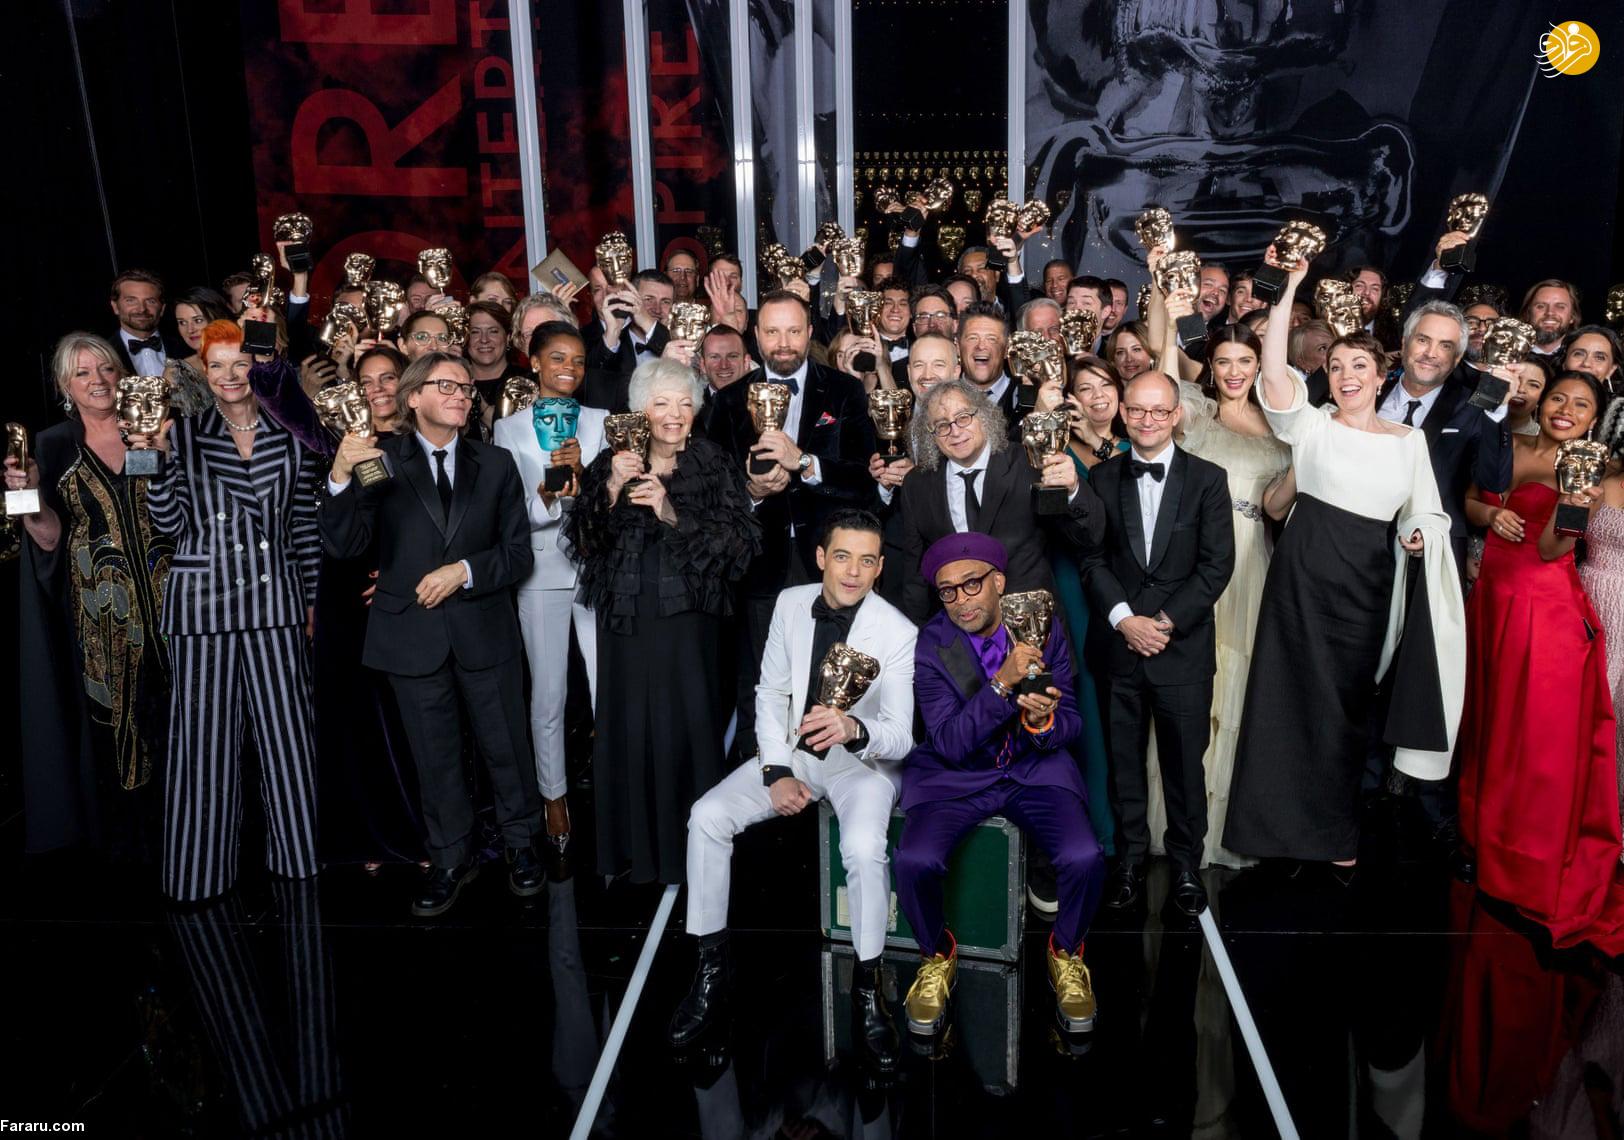 (تصاویر) مراسم اهدای جوایز بفتا؛ درخشش سوگلی و رما - 34